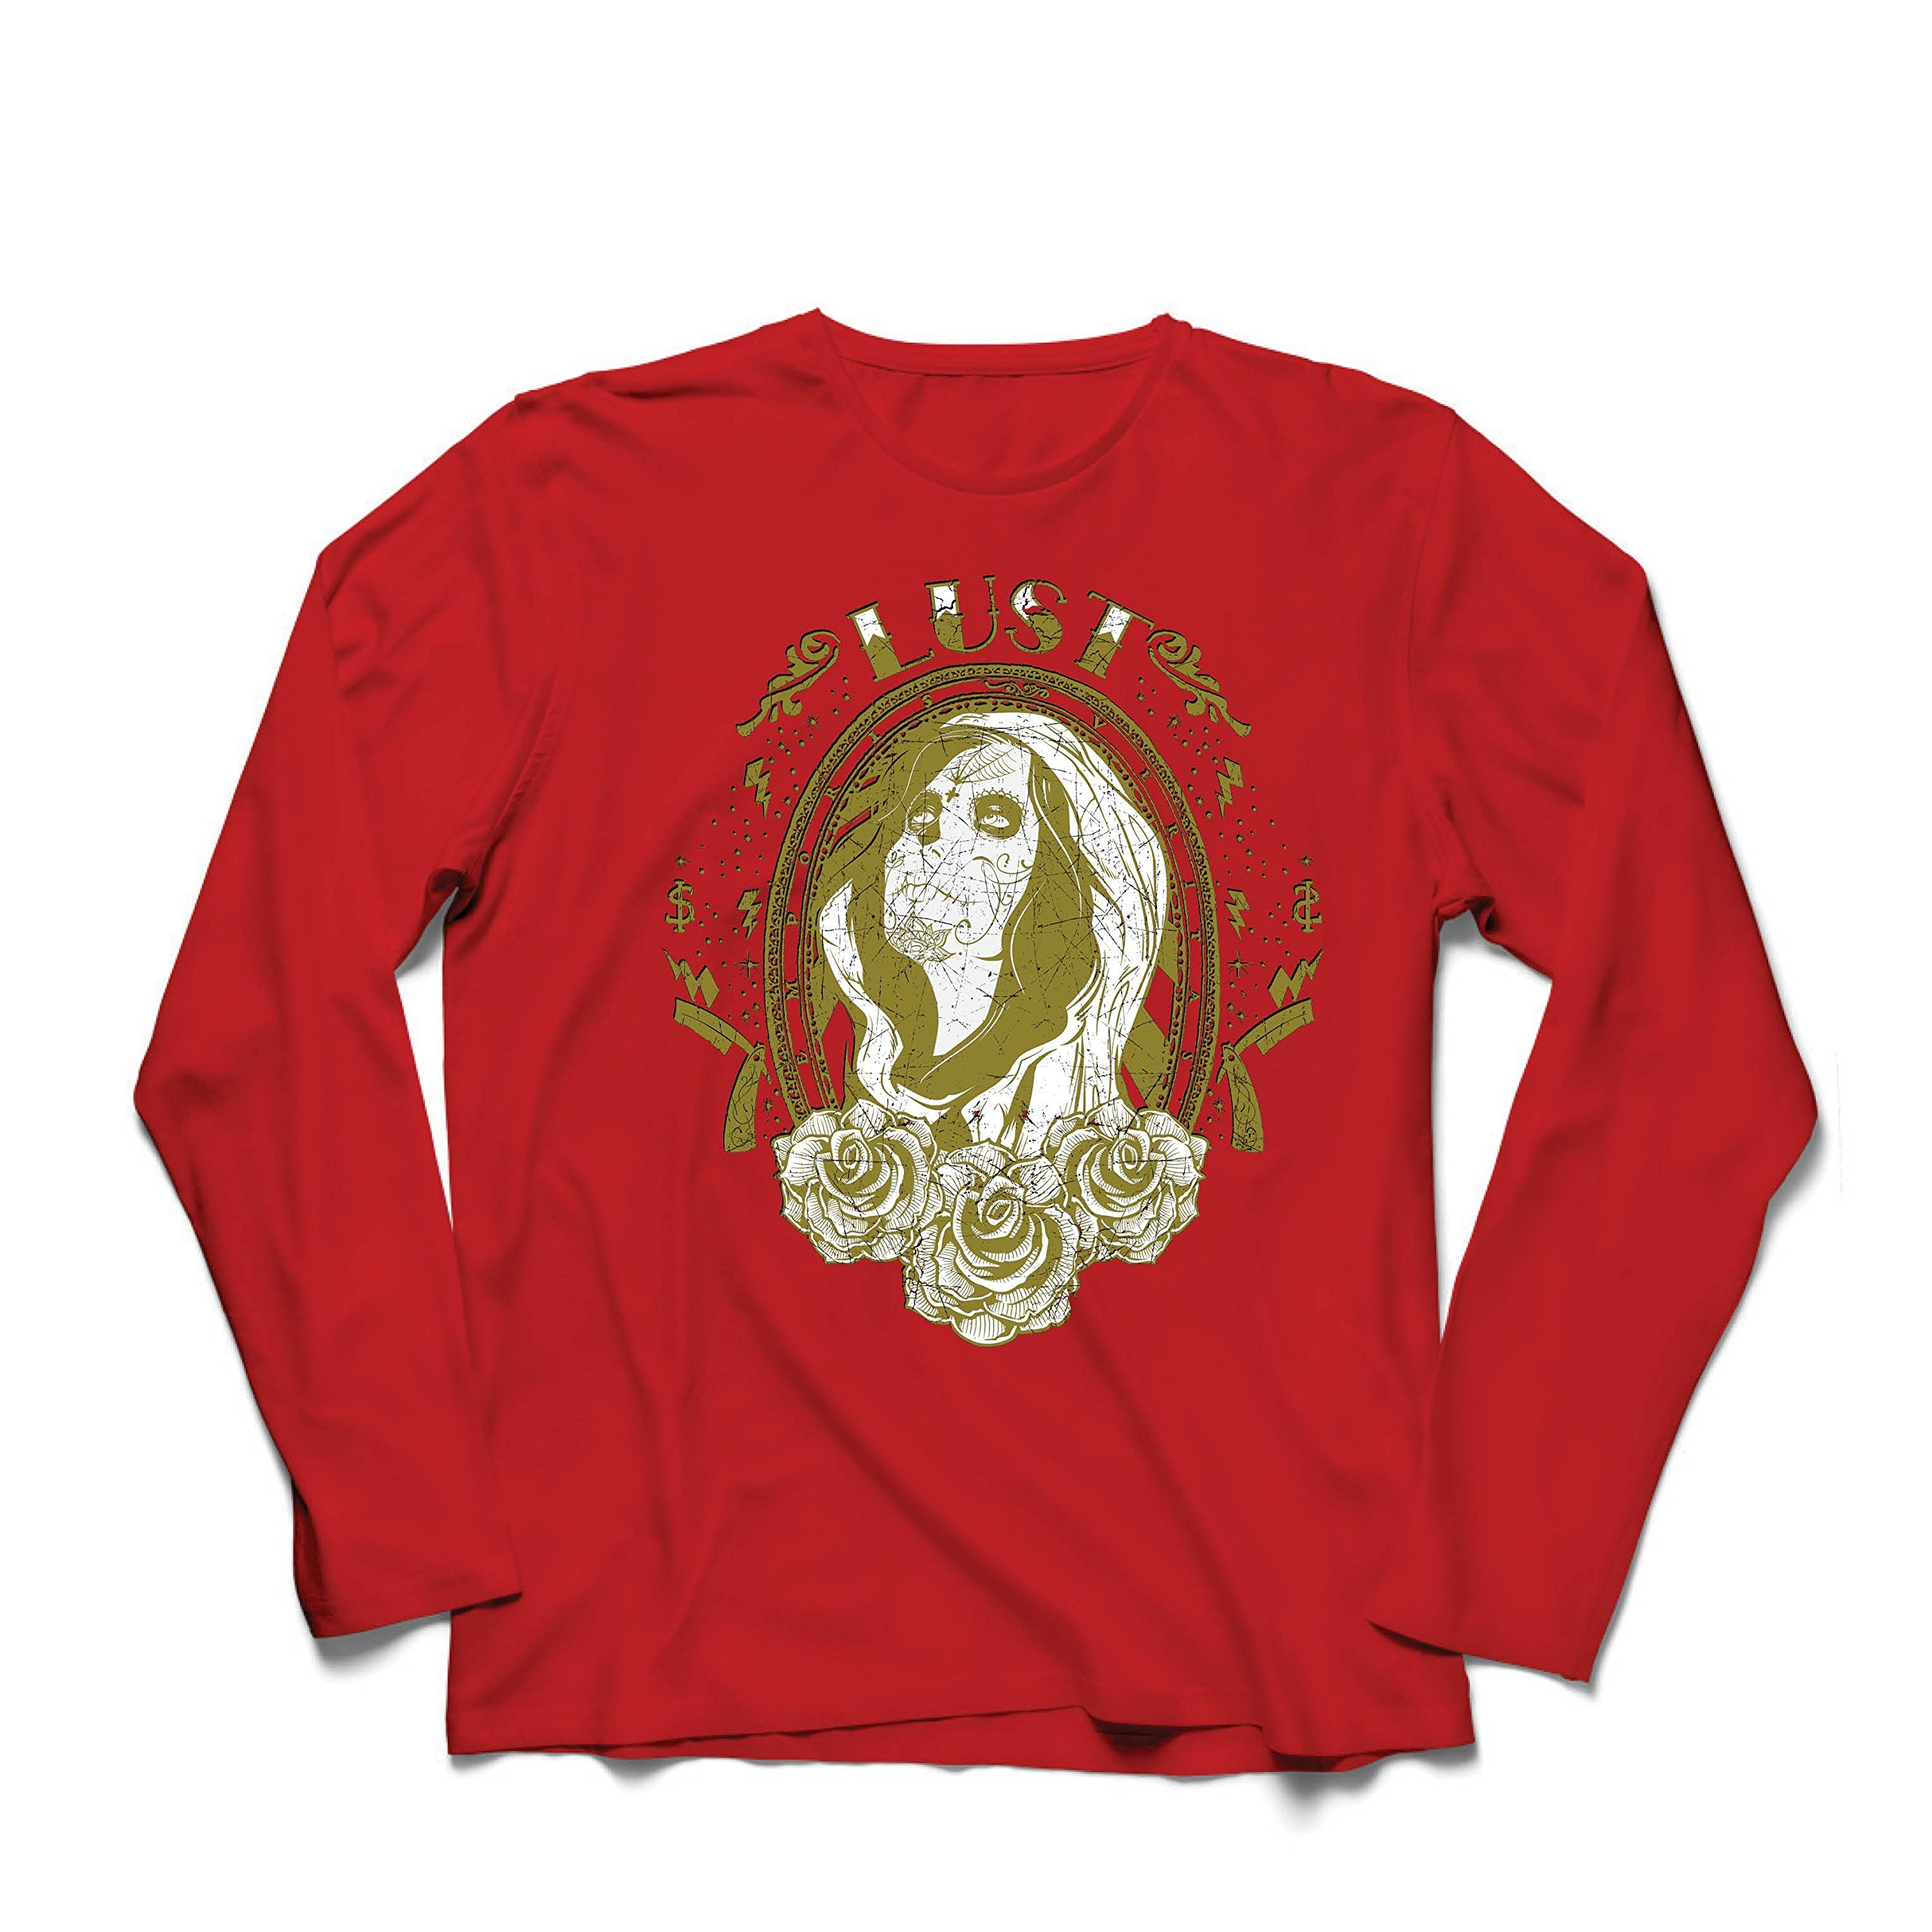 S T Shirt Lust Mexican Style Design Dia De Los Muertos 8781